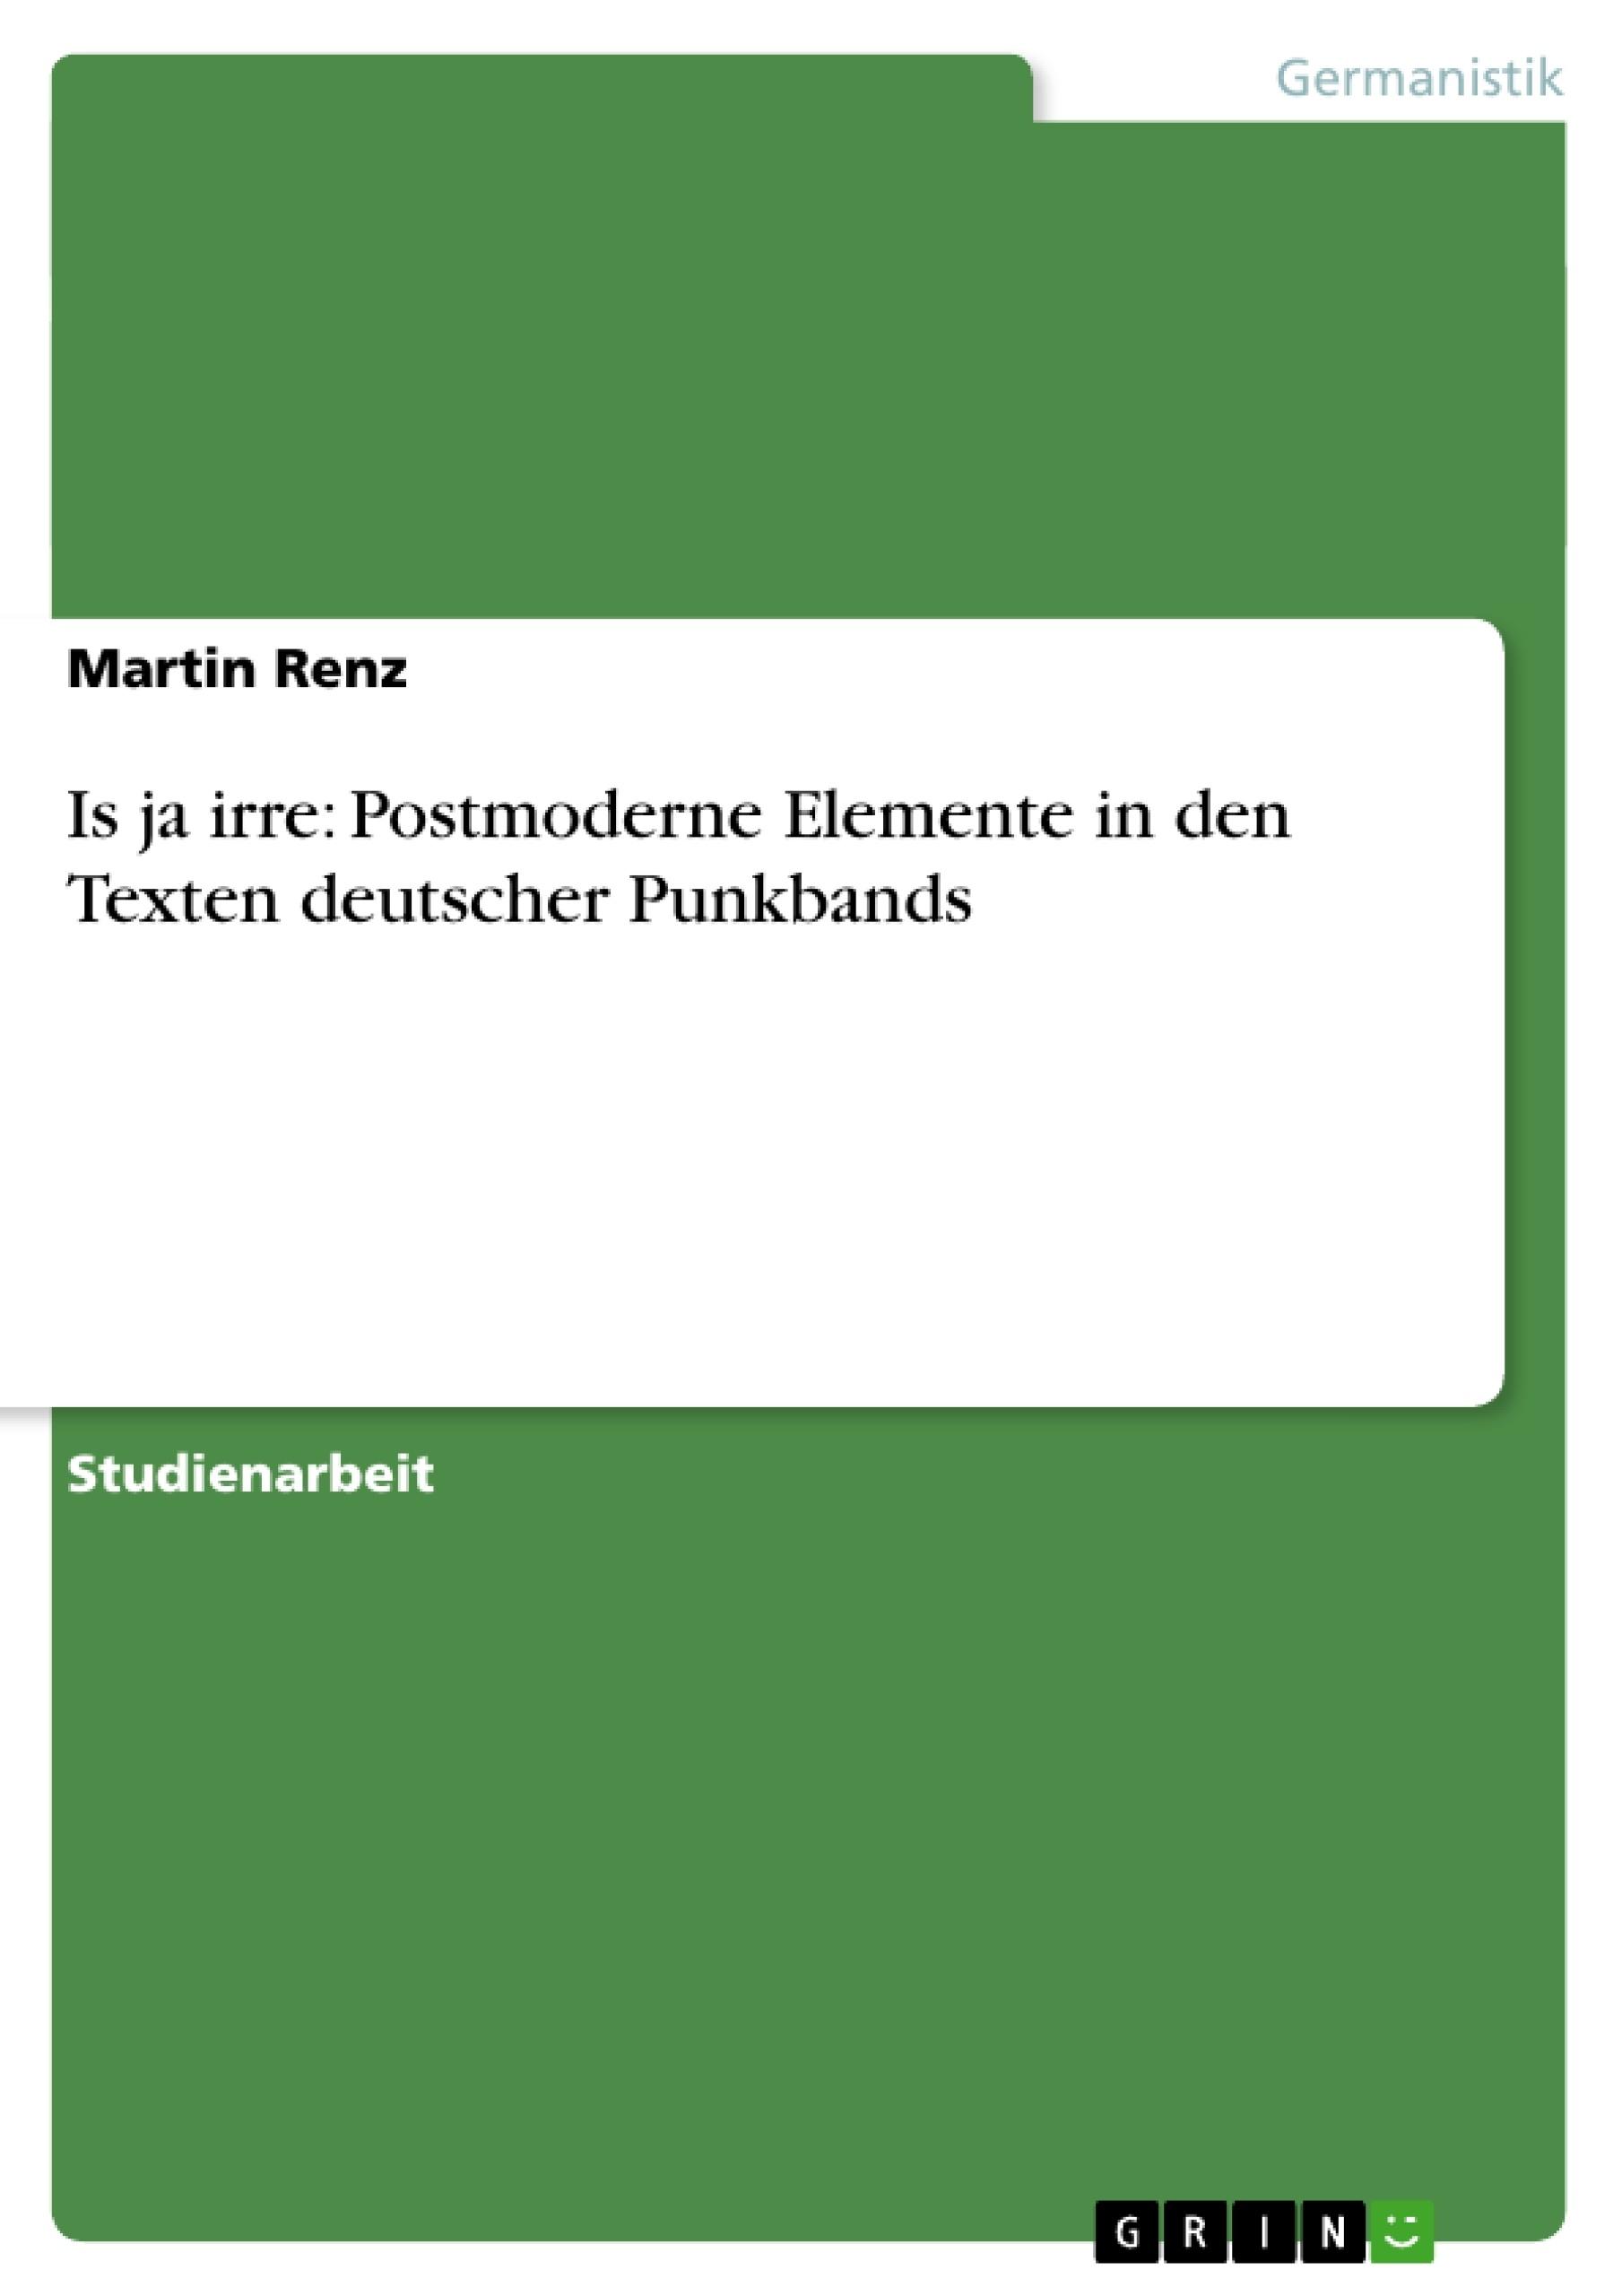 Titel: Is ja irre: Postmoderne Elemente in den Texten deutscher Punkbands